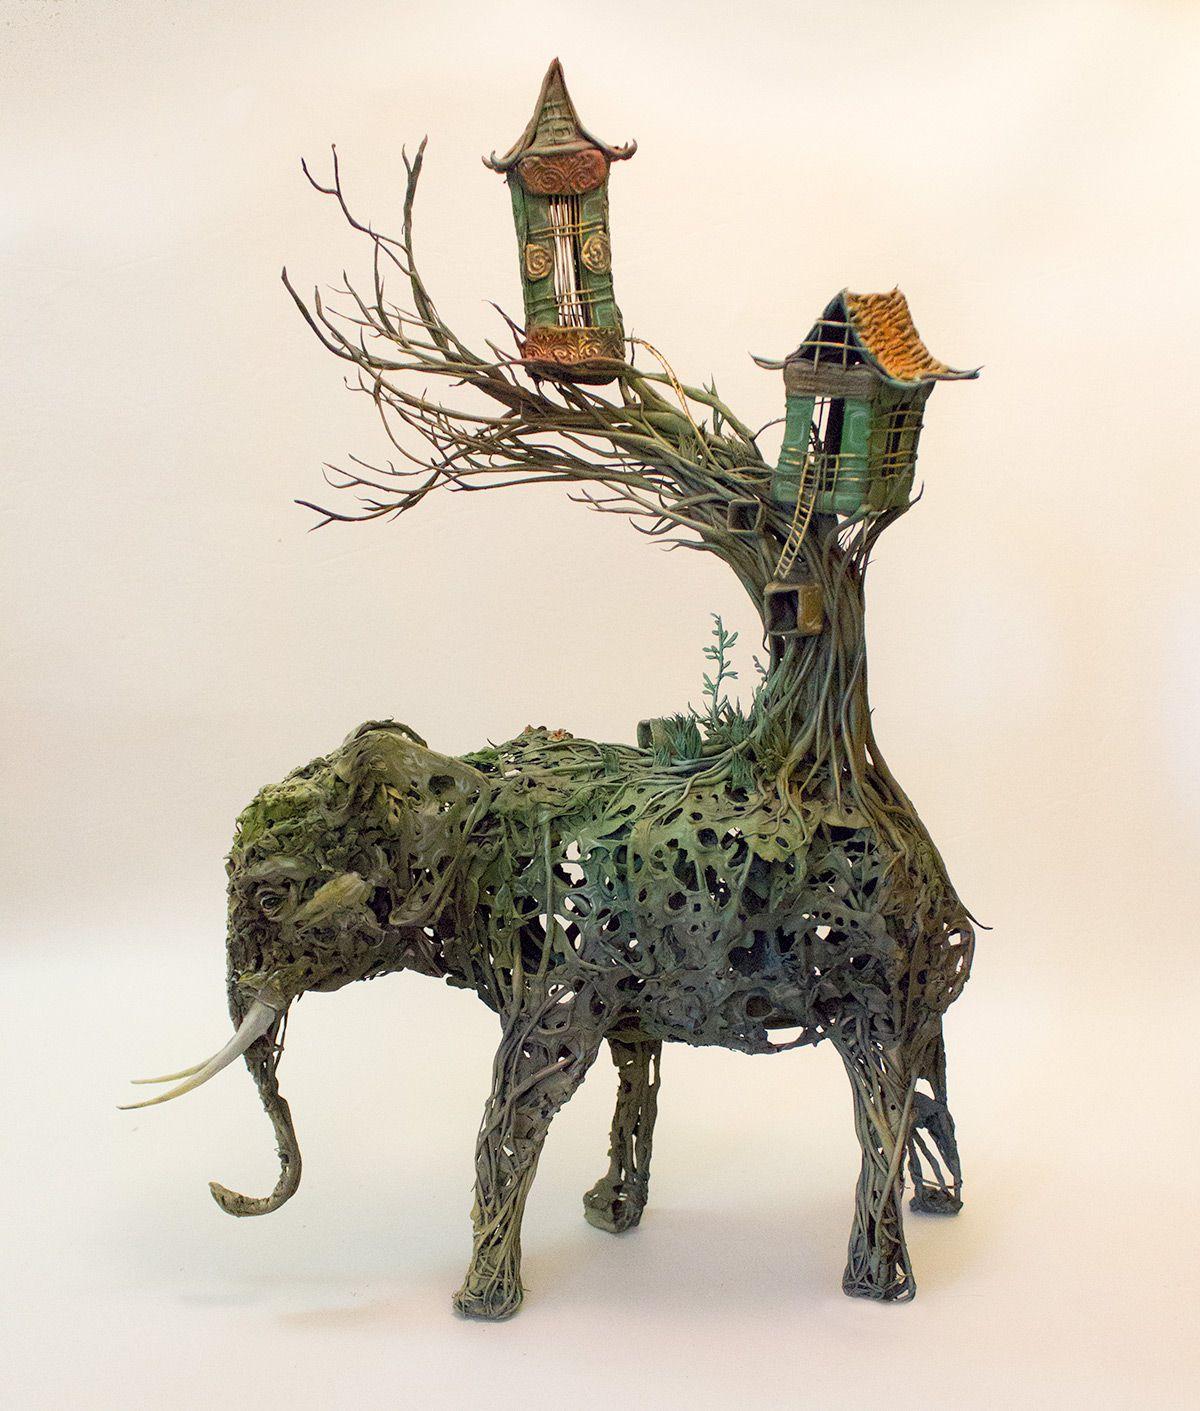 escultura de un elefante con la cola que son unas casa creada con plantas